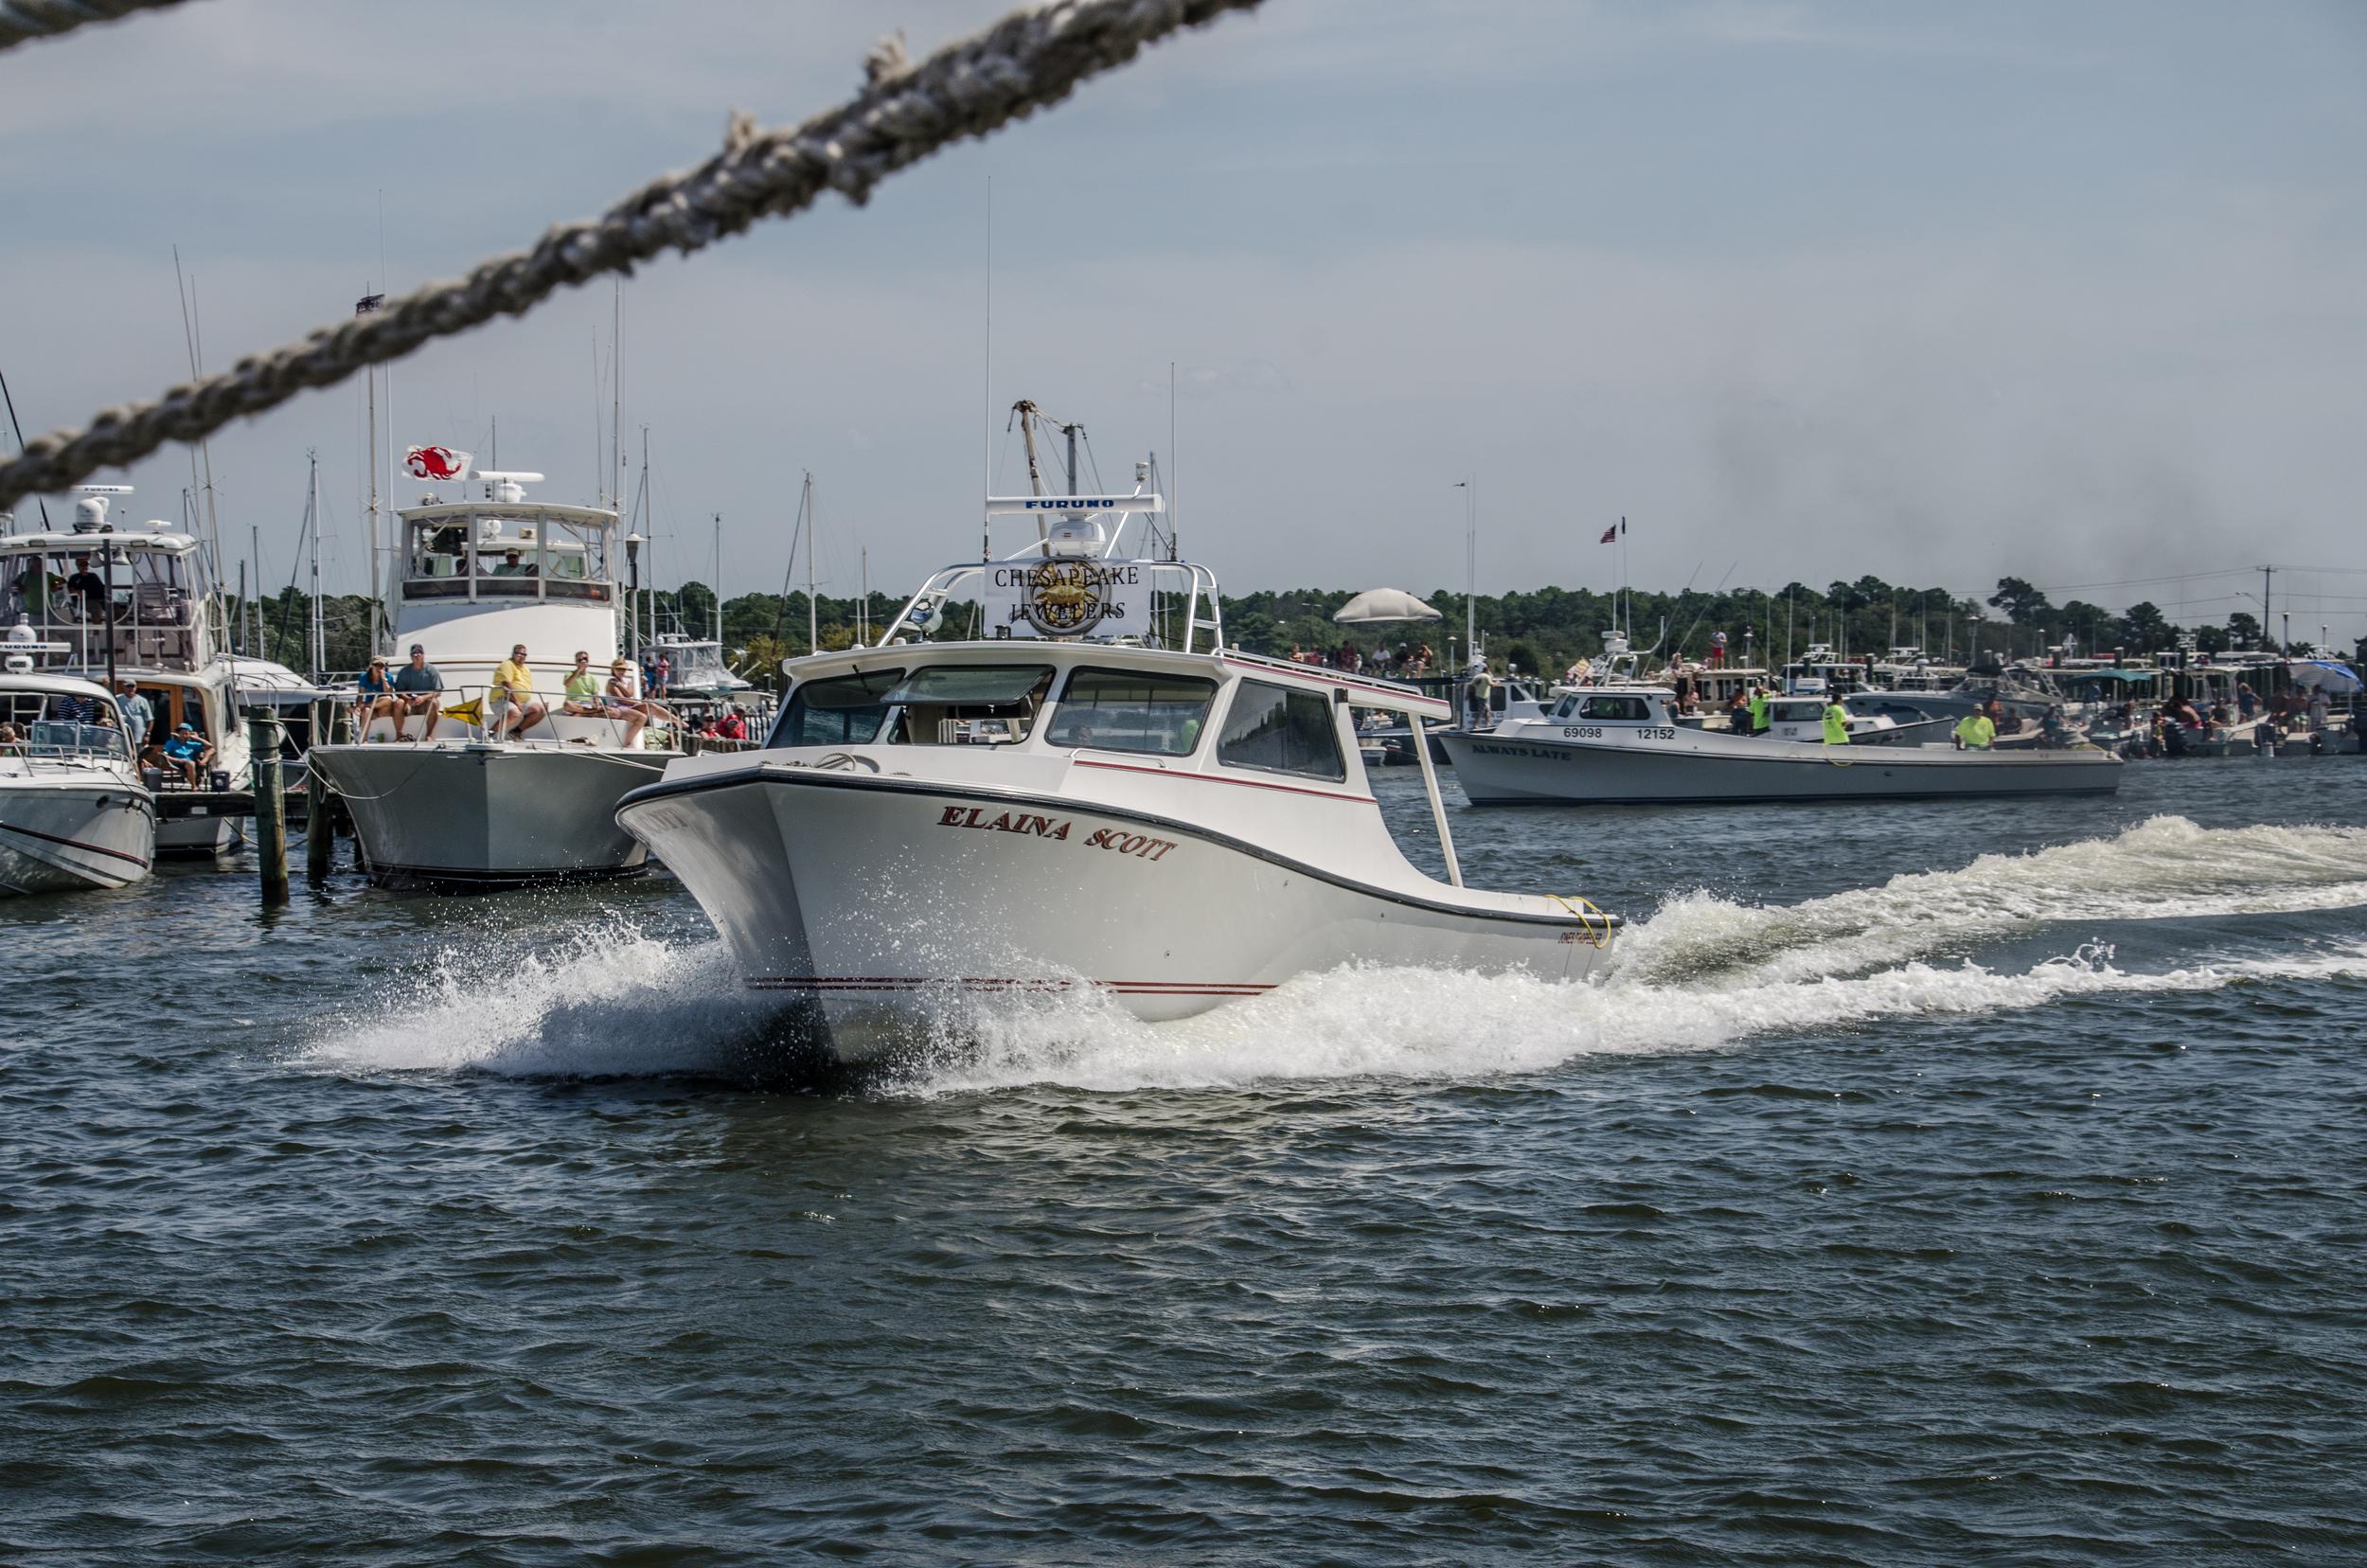 crisfielddock-0262.jpg